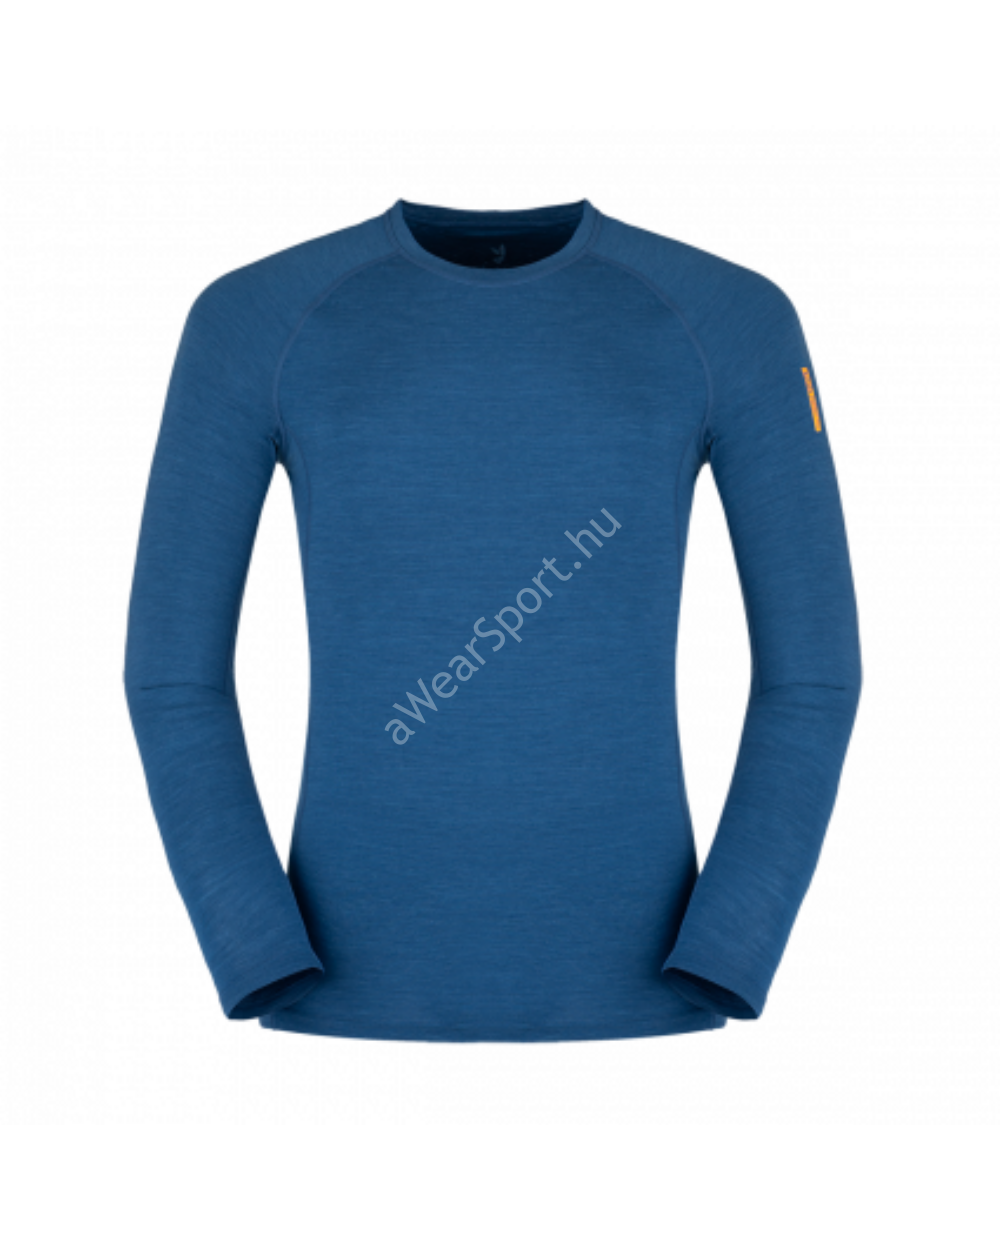 Zajo Bjorn Merino T-Shirt LS férfi merinói gyapjú aláöltözet felső, poseidon blue